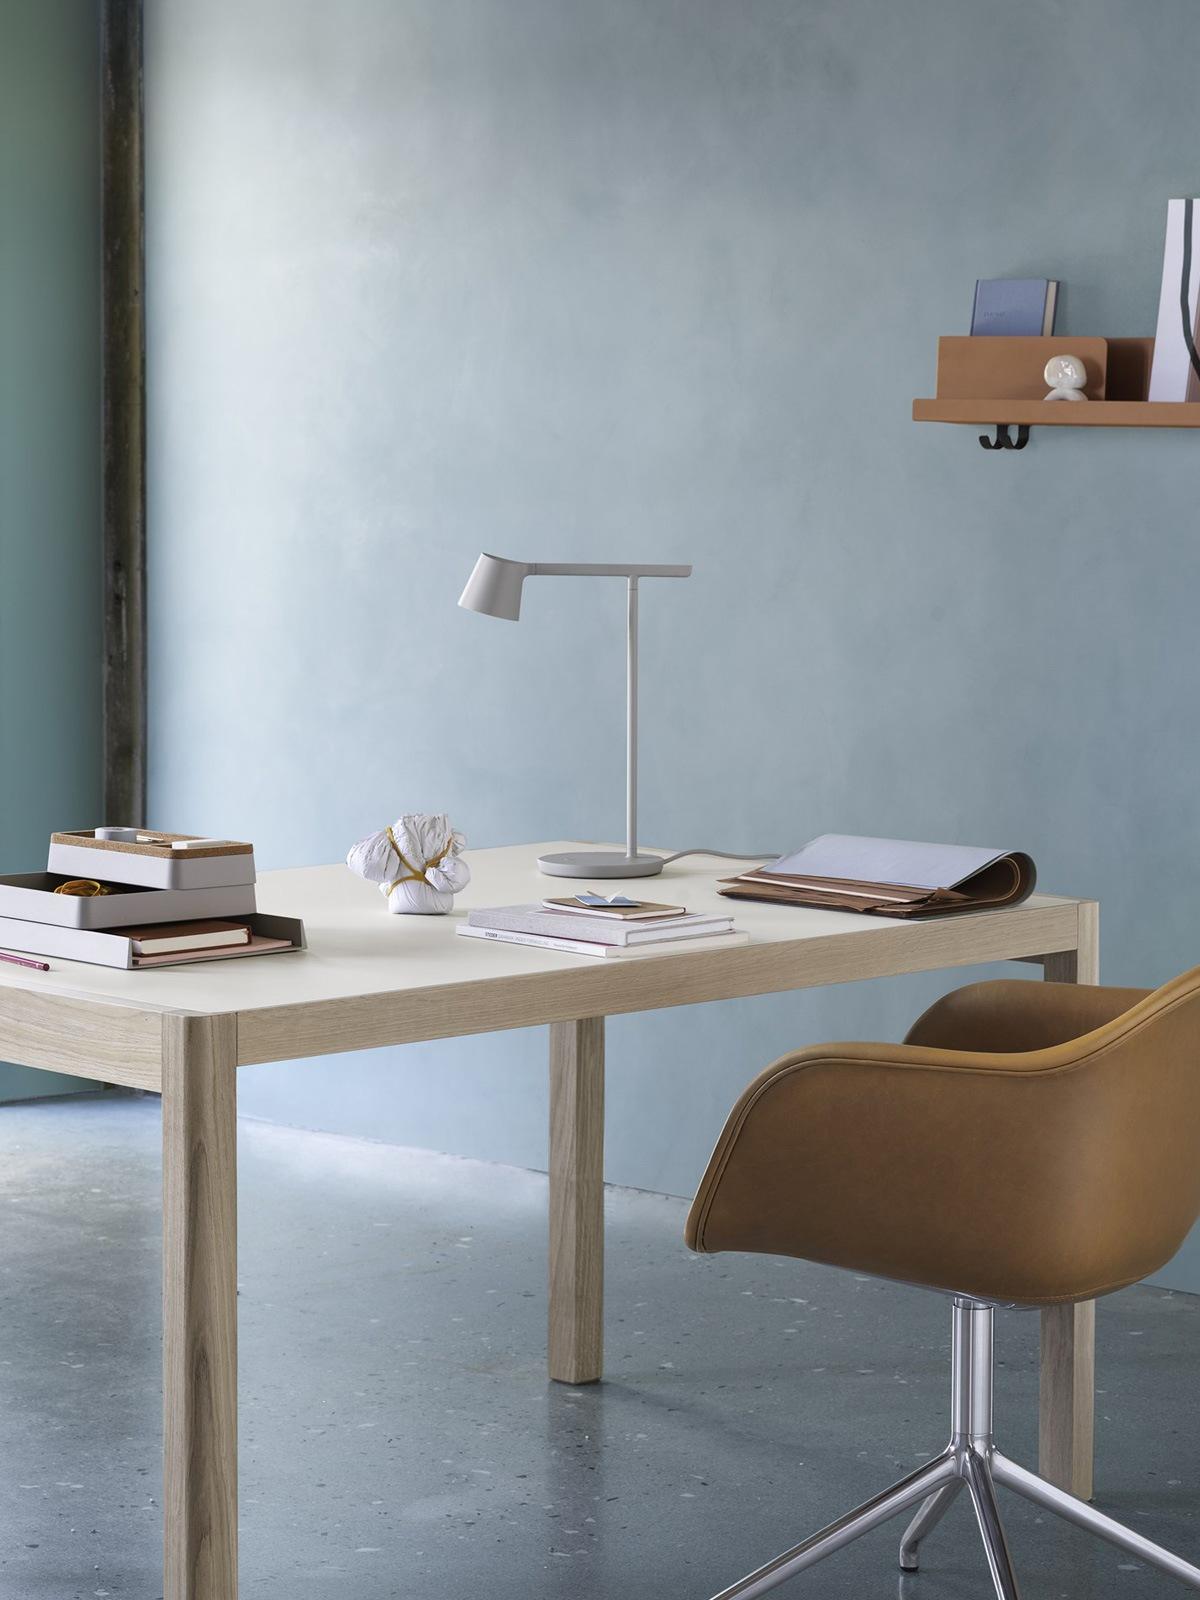 Tip Table Lamp muuto DesignOrt Lampen Onlineshop Laden Berlin